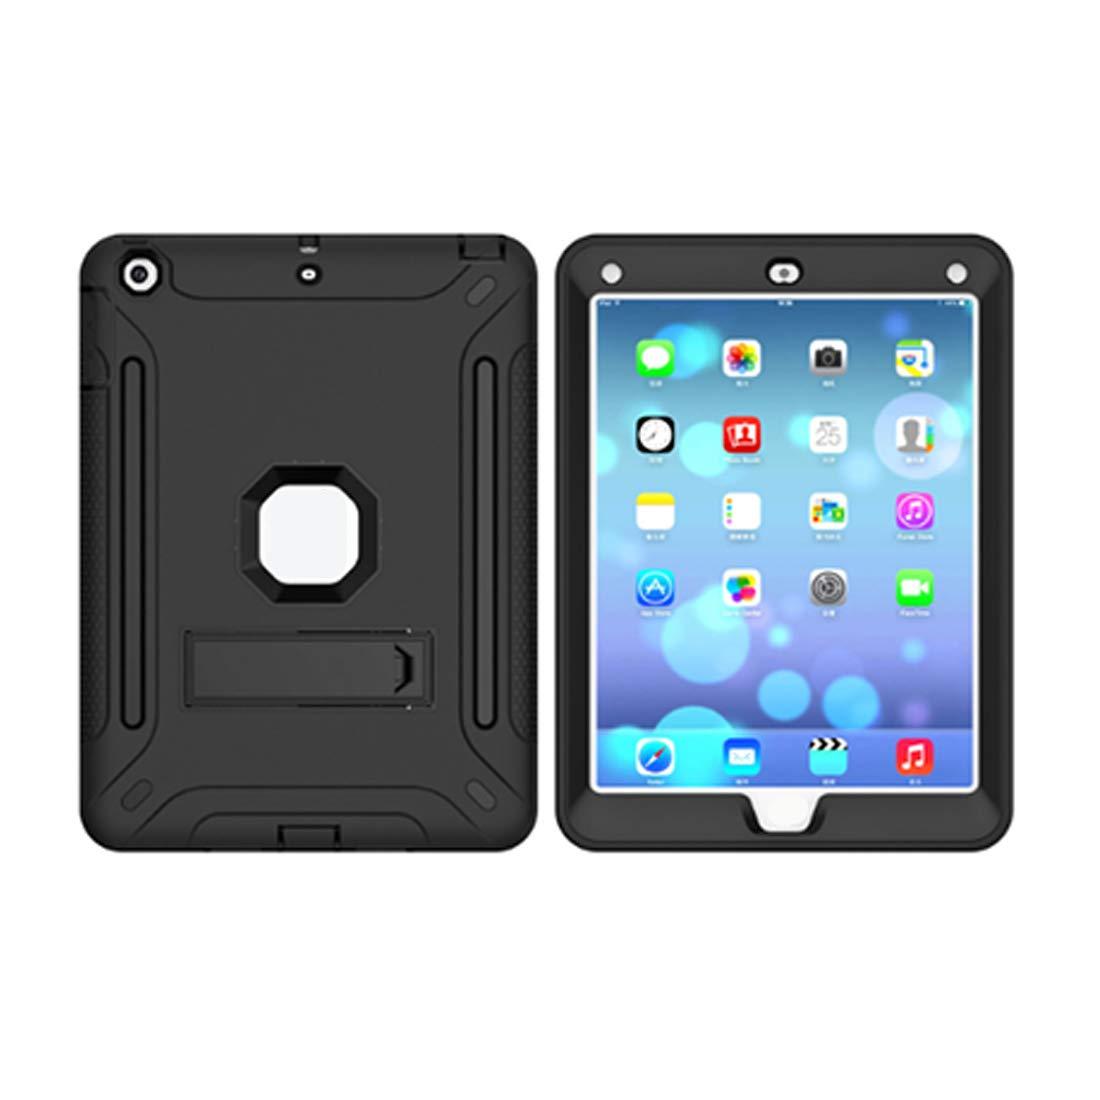 【人気急上昇】 KRPENRIO 頑丈 iPad5ケース 頑丈 スリム 耐衝撃 シリコン 保護ケースカバー 耐衝撃 9.7インチiPad用 (ネイビーブルー B07L8CR7MH/蛍光オレンジ) (カラー:ブラック、サイズ:iPad2017) B07L8CR7MH, ハローファニチャー:27623353 --- a0267596.xsph.ru